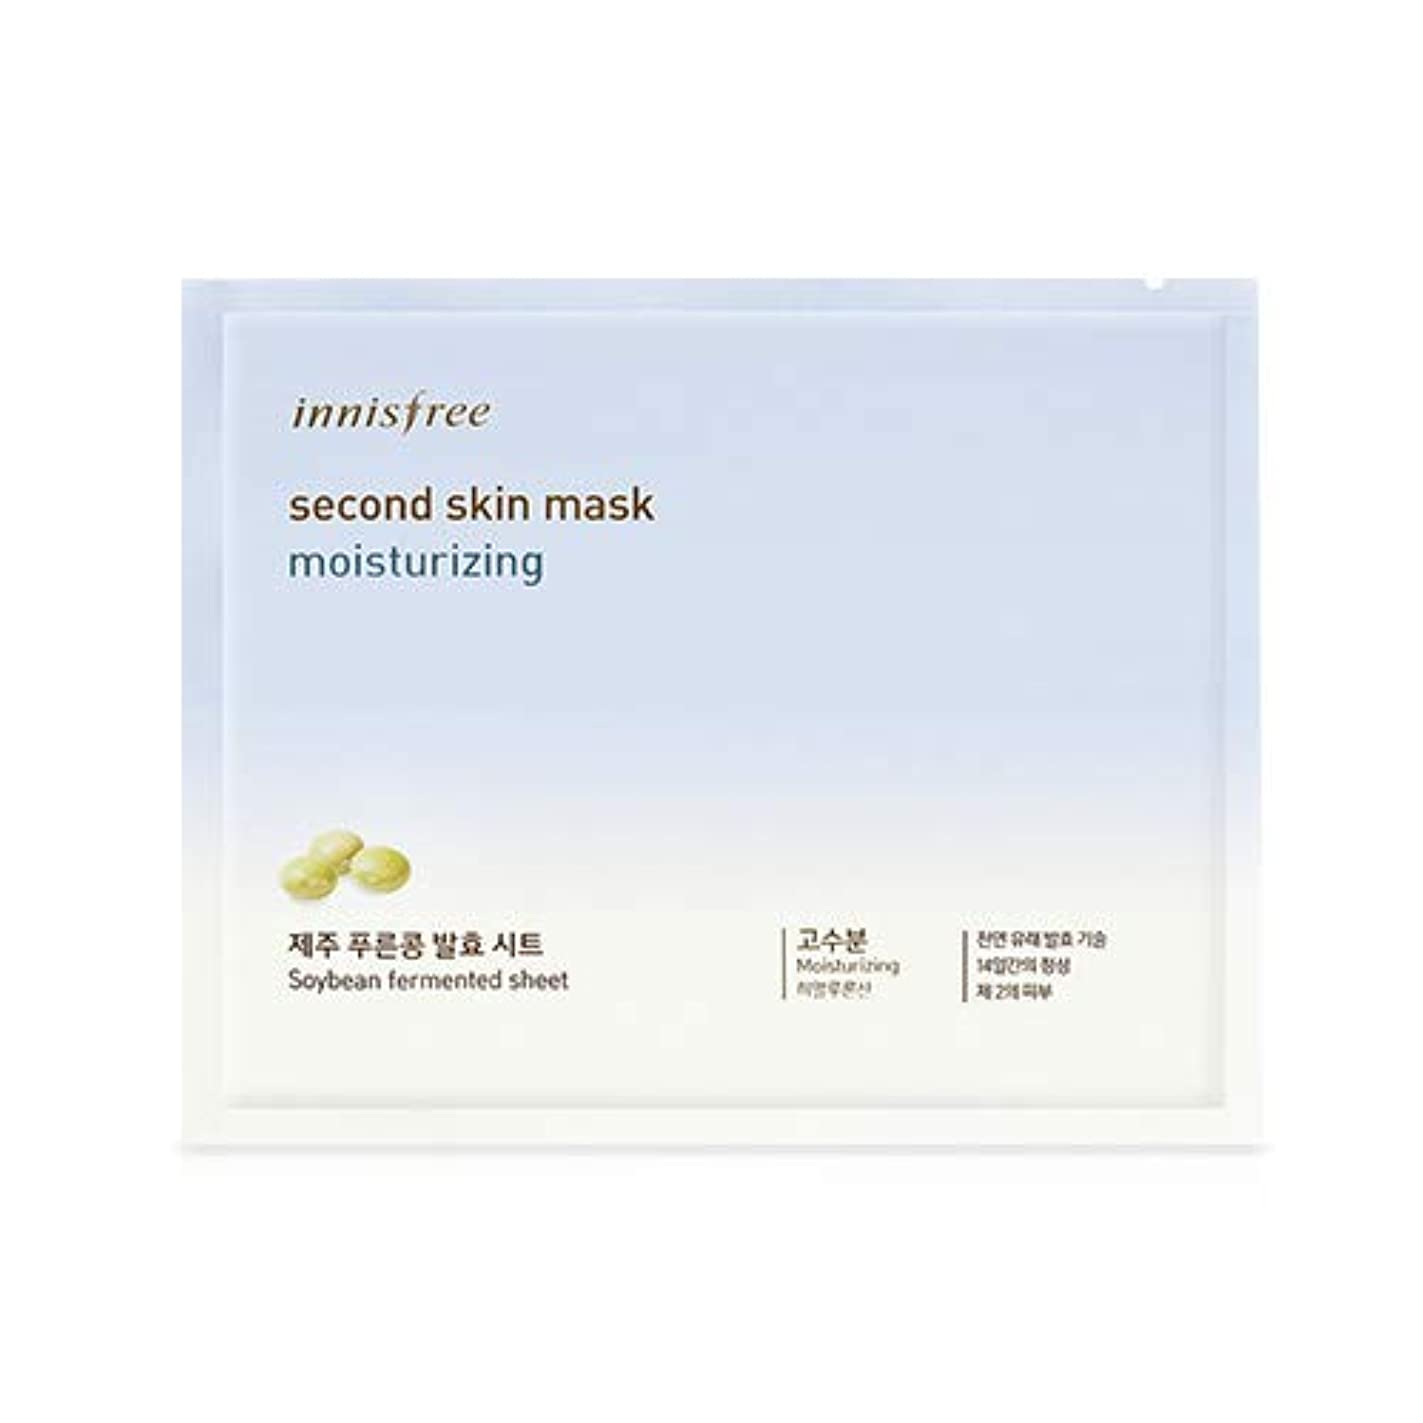 スペードギャザー隠された[Original] イニスフリーセカンドスキンマスクシート20g x 3個 - モイスチャライジング/Innisfree Second Skin Mask Sheet 20g x 3pcs - Moisturizing...